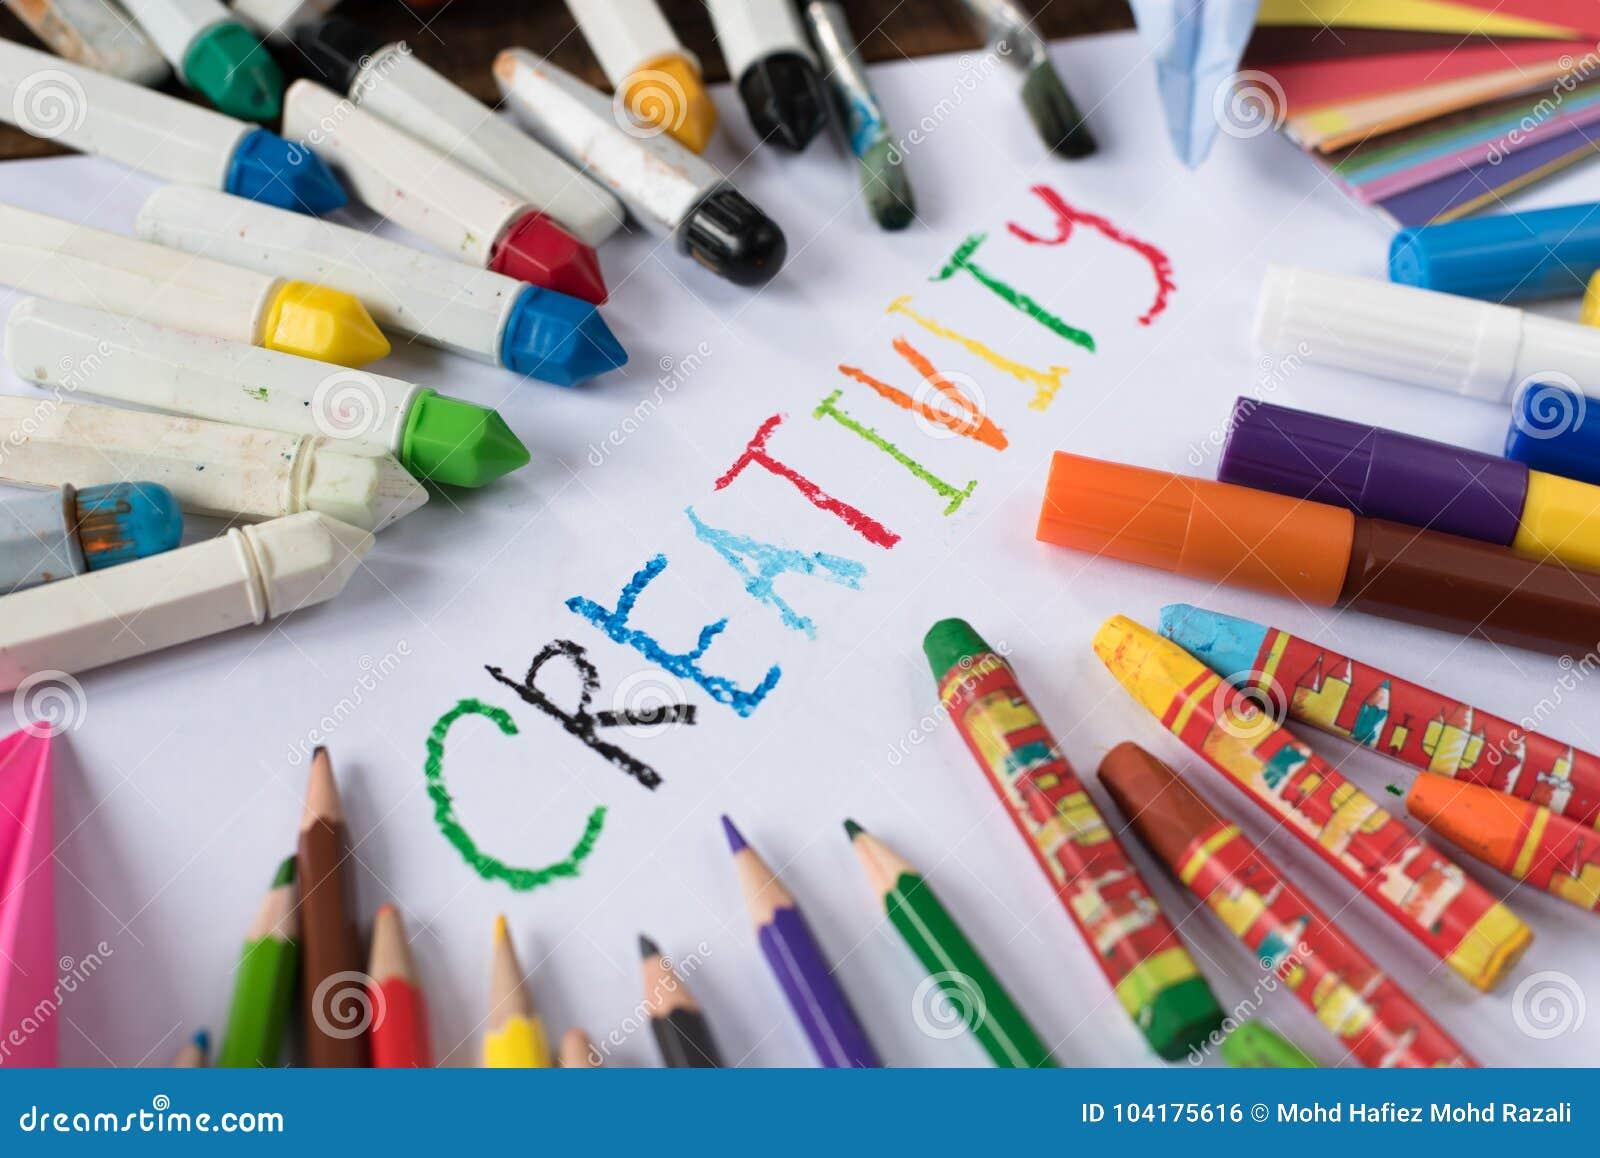 Creativiteitconcept - kleurrijk document, kleurpotlood, kleurrijk potlood en document met woordcreativiteit